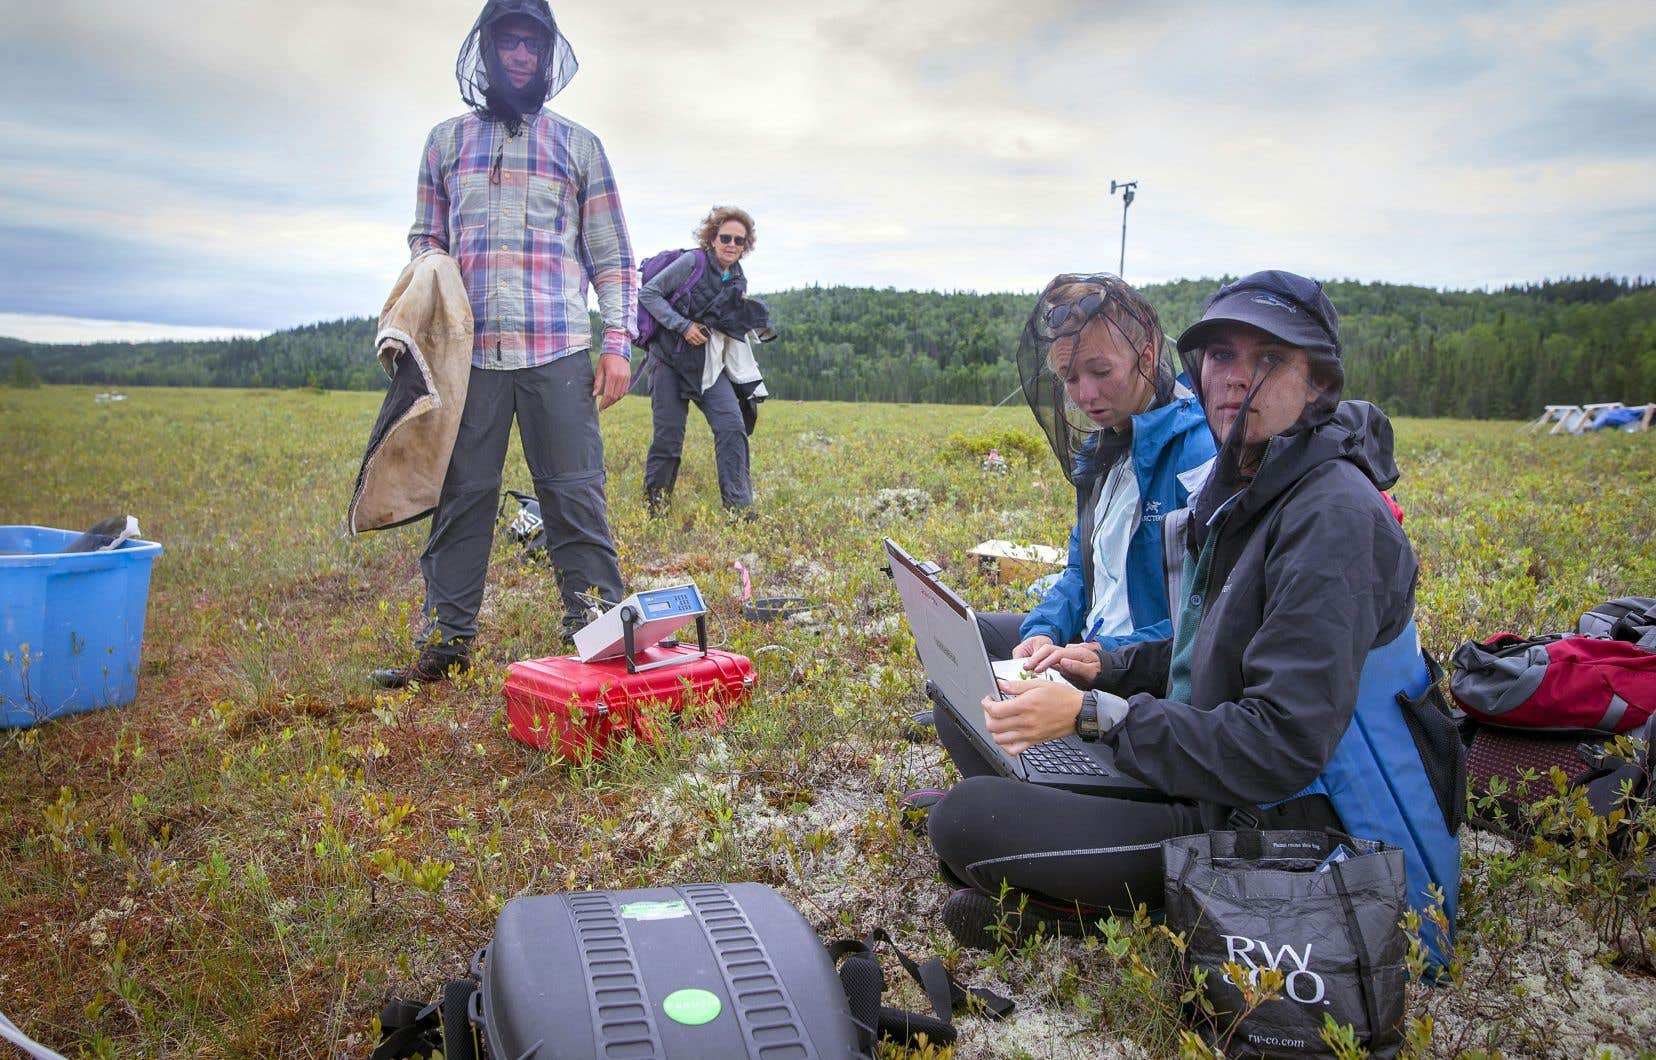 À l'aide de divers instruments, Pierre Taillardat, Camille Girard et Léonie Perrier mesurent la «respiration» de la tourbière. Michelle Garneau, la professeure responsable du projet de recherche, vient à leur rencontre.